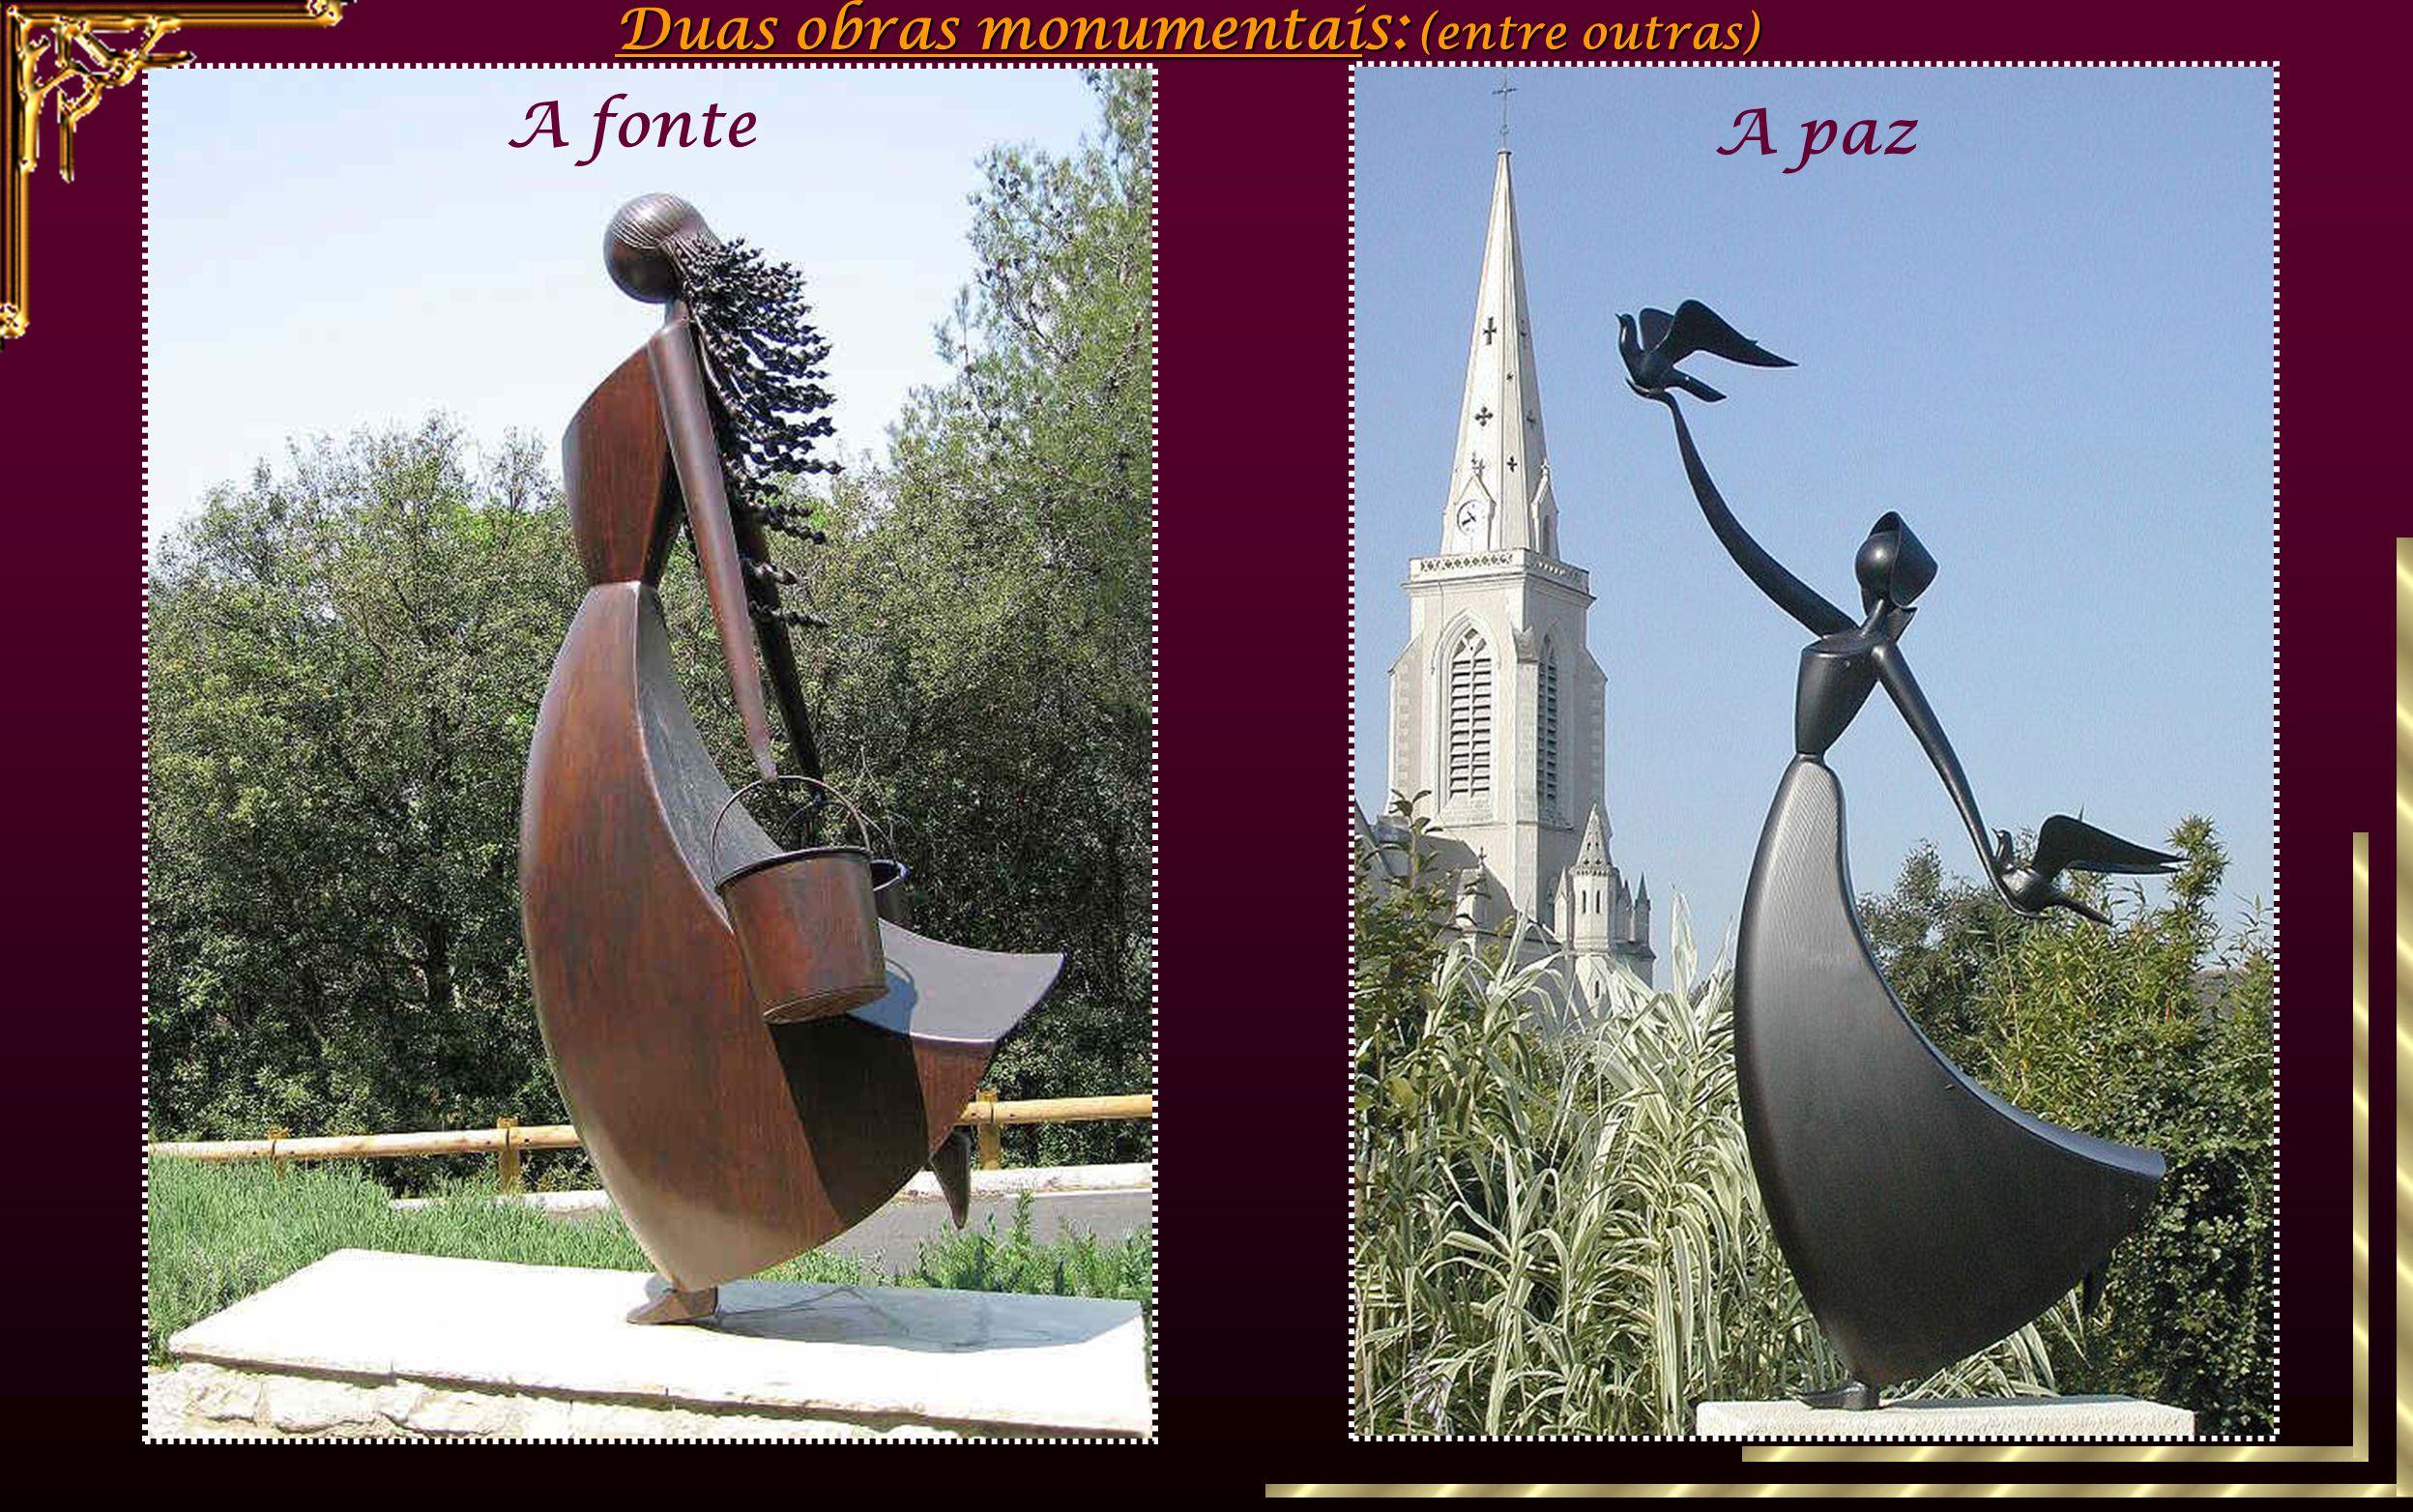 Duas obras monumentais: (entre outras)